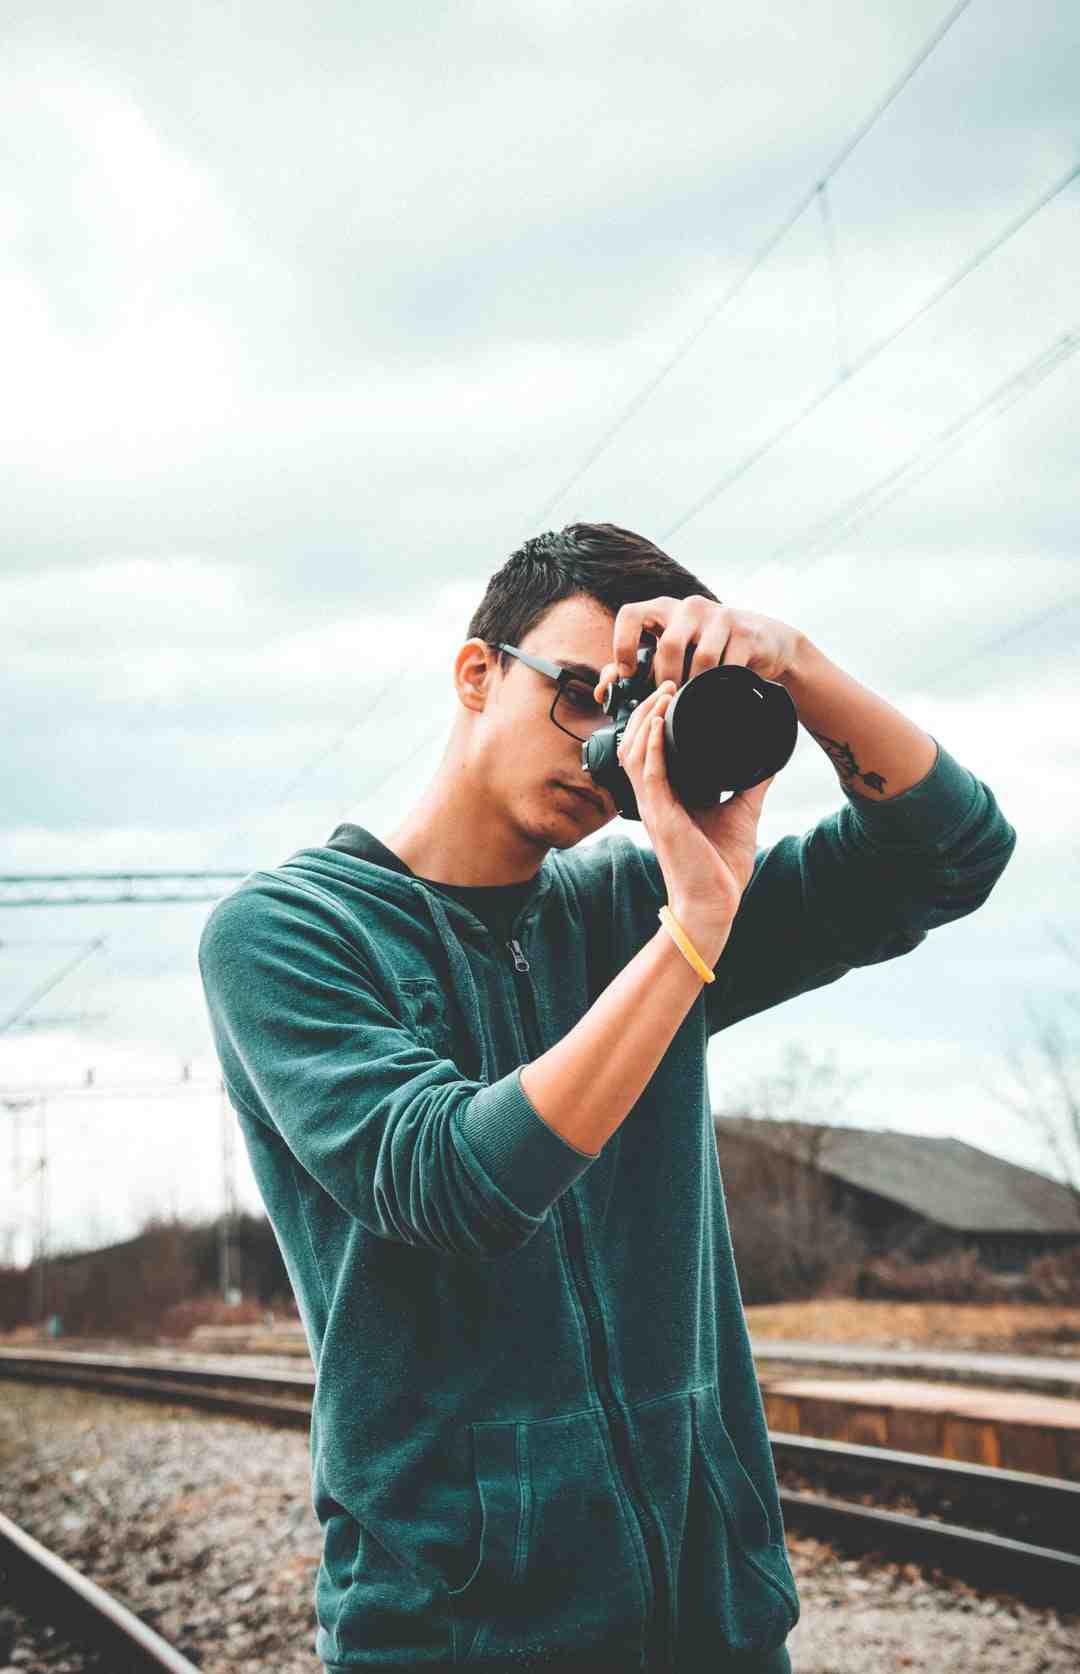 Comment améliorer une photo de mauvaise qualité ?